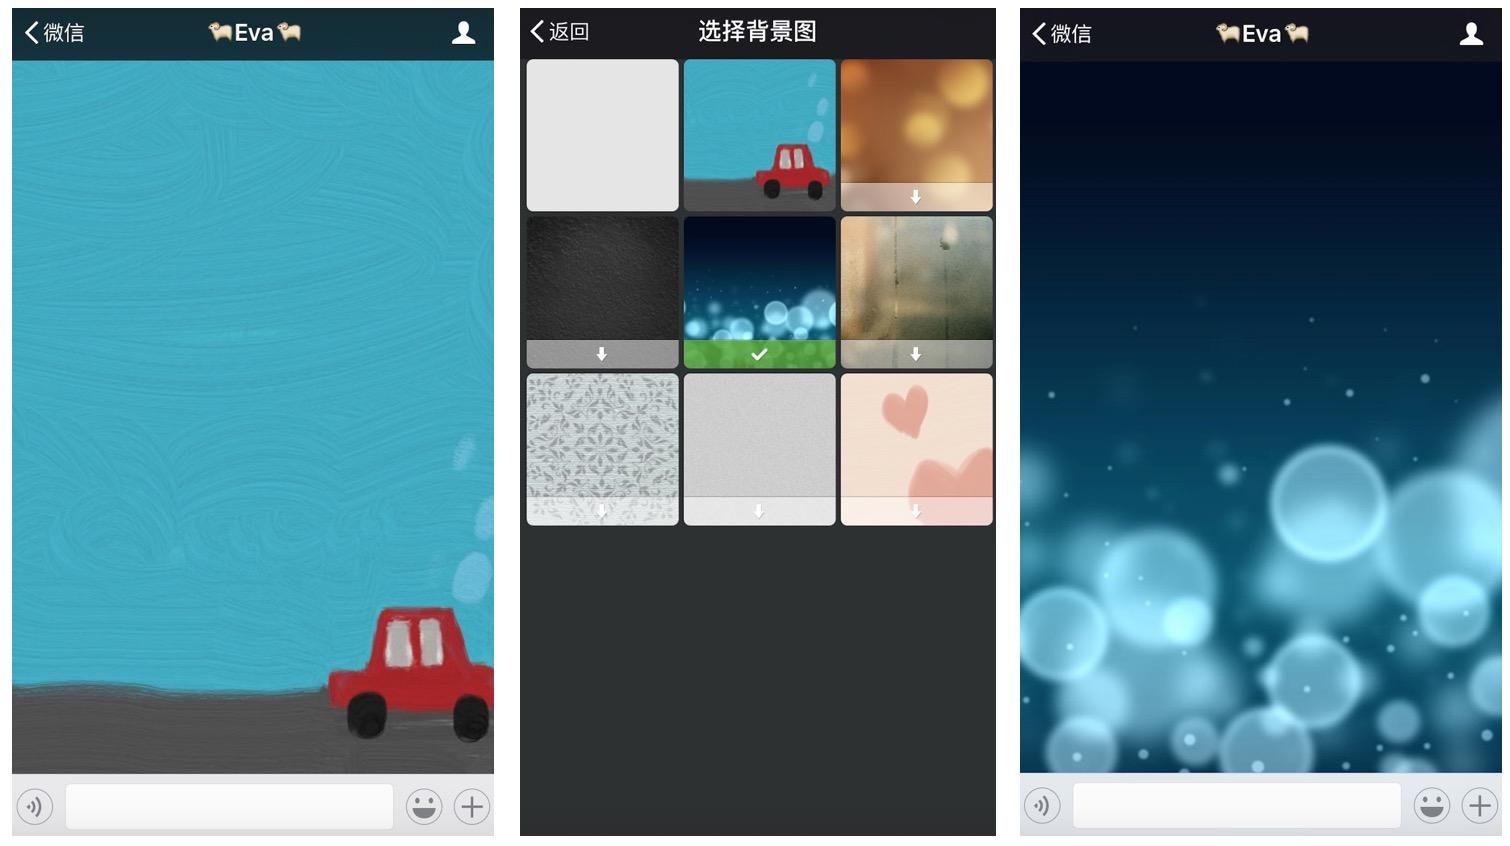 微信聊天壁纸-Android资源动态加载思路